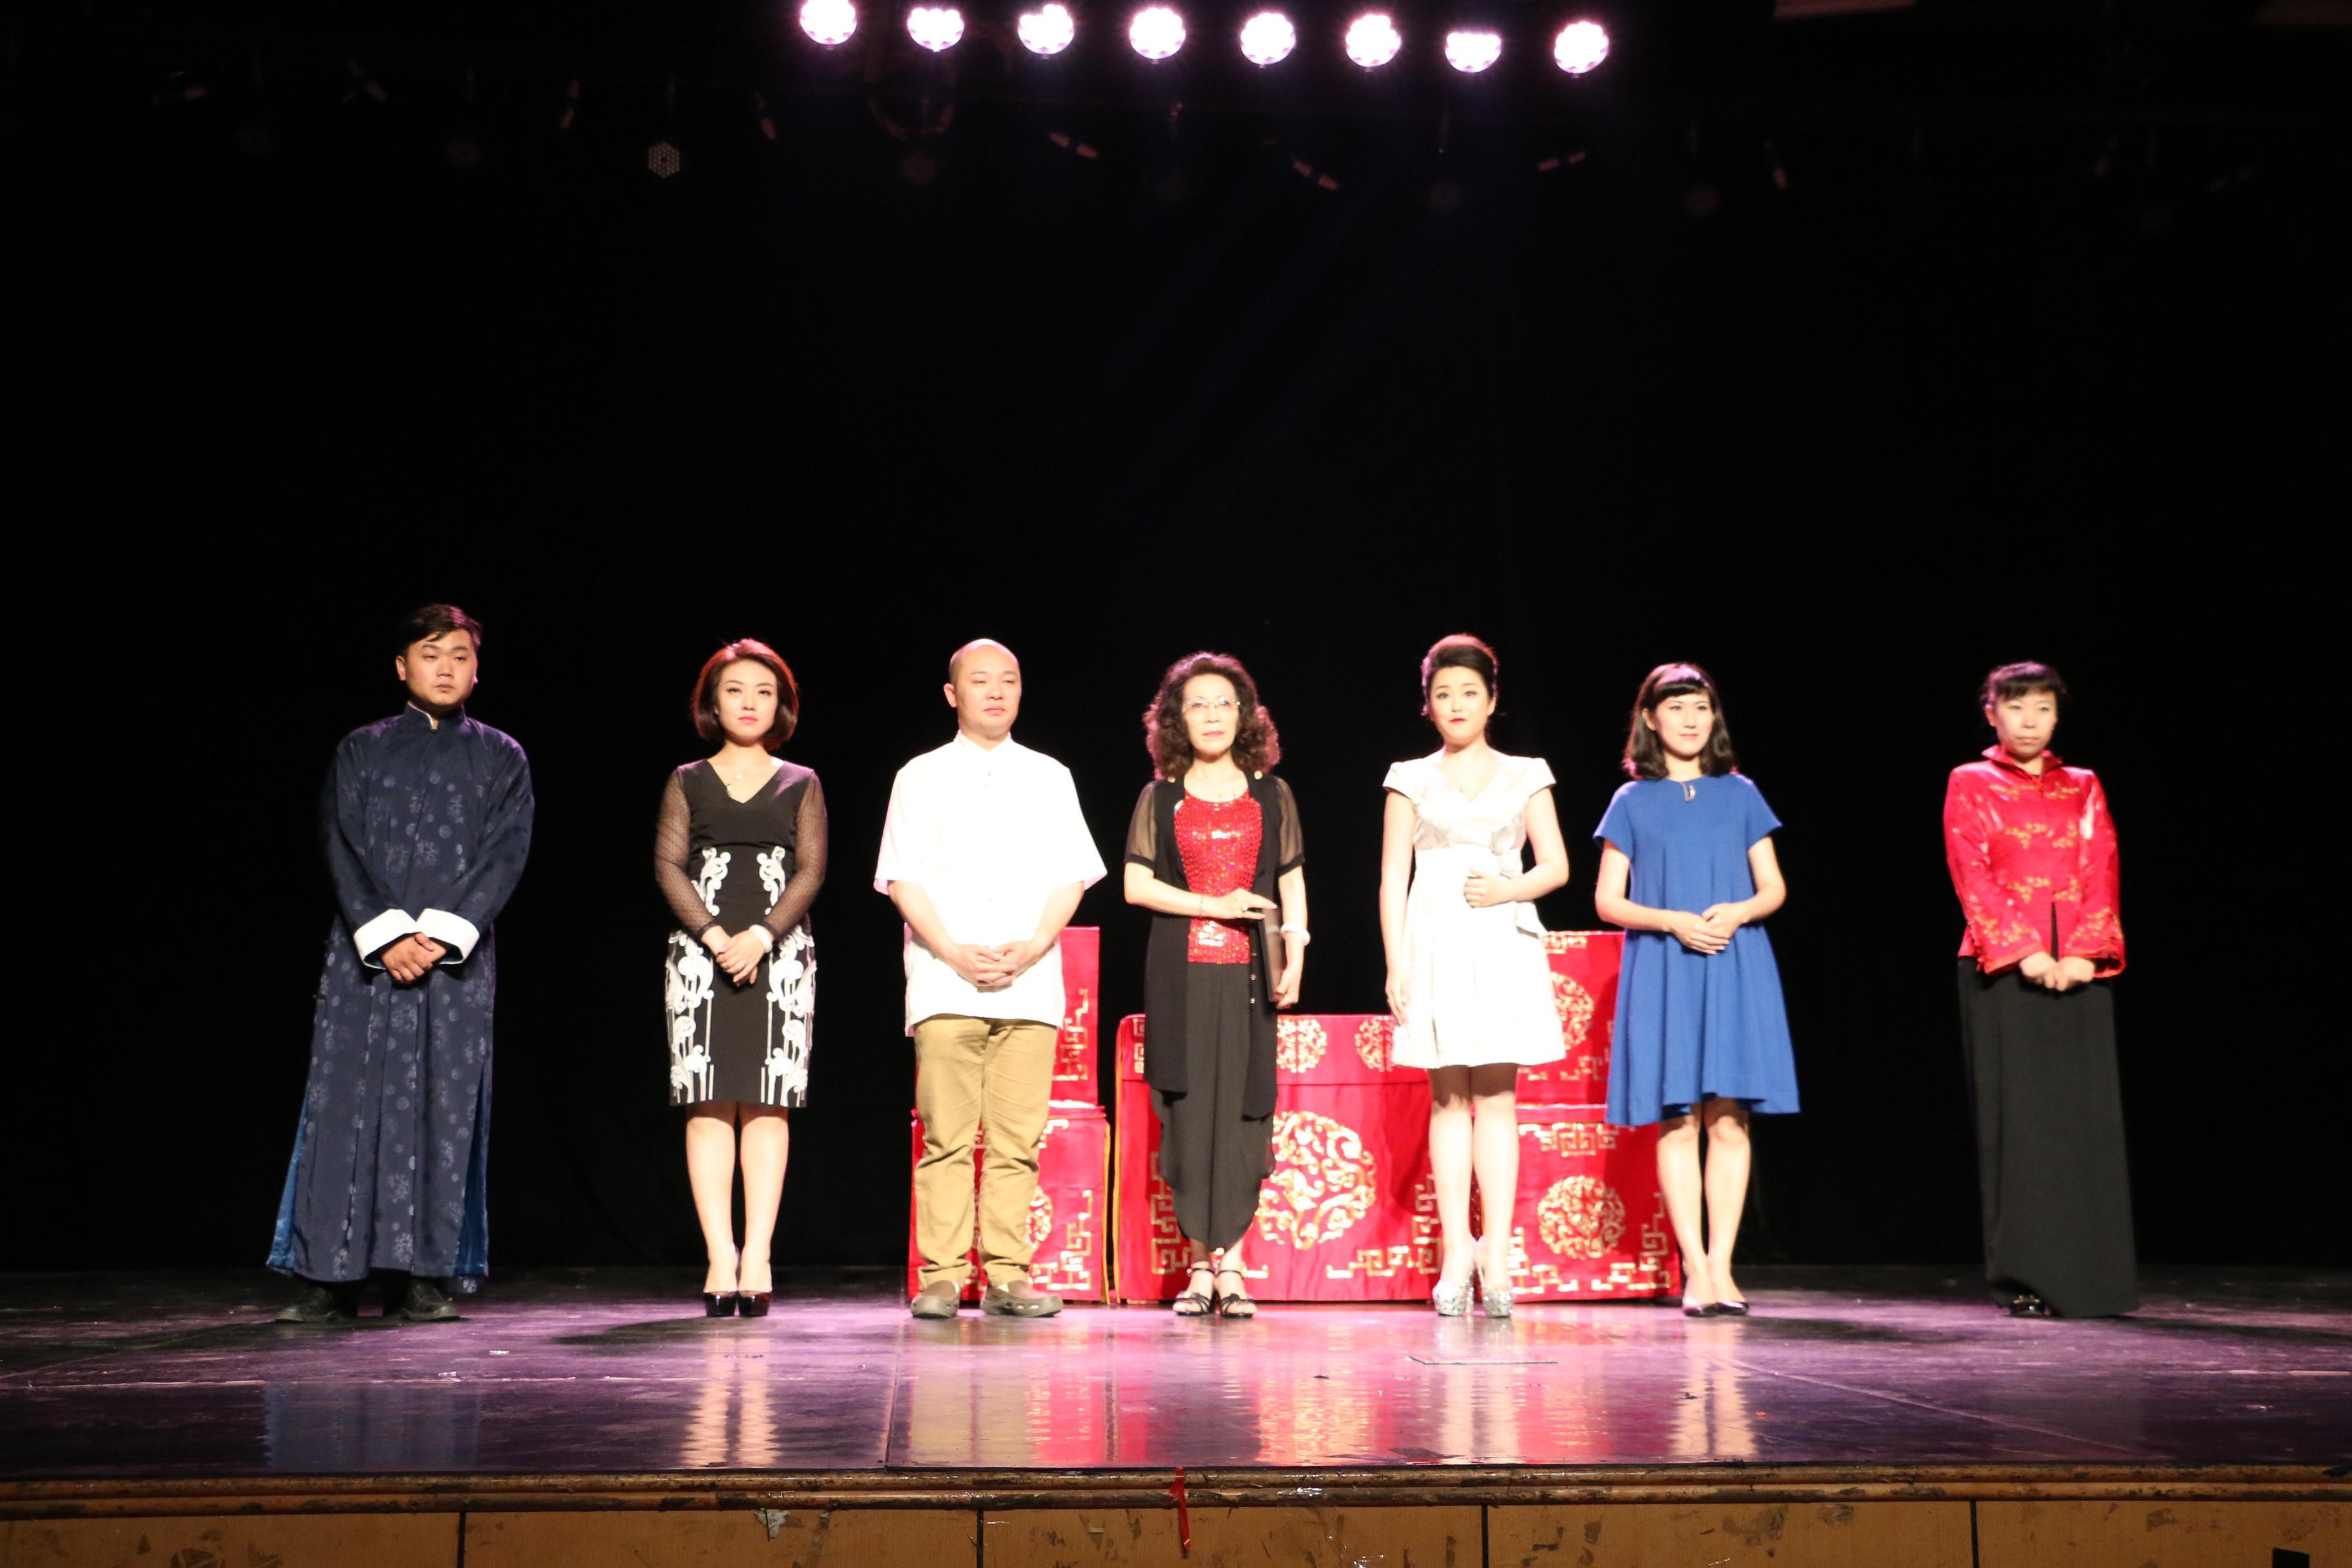 裘韵流芳,戎耀百年 追忆京剧大师裘盛戎主题演讲会在我校举办